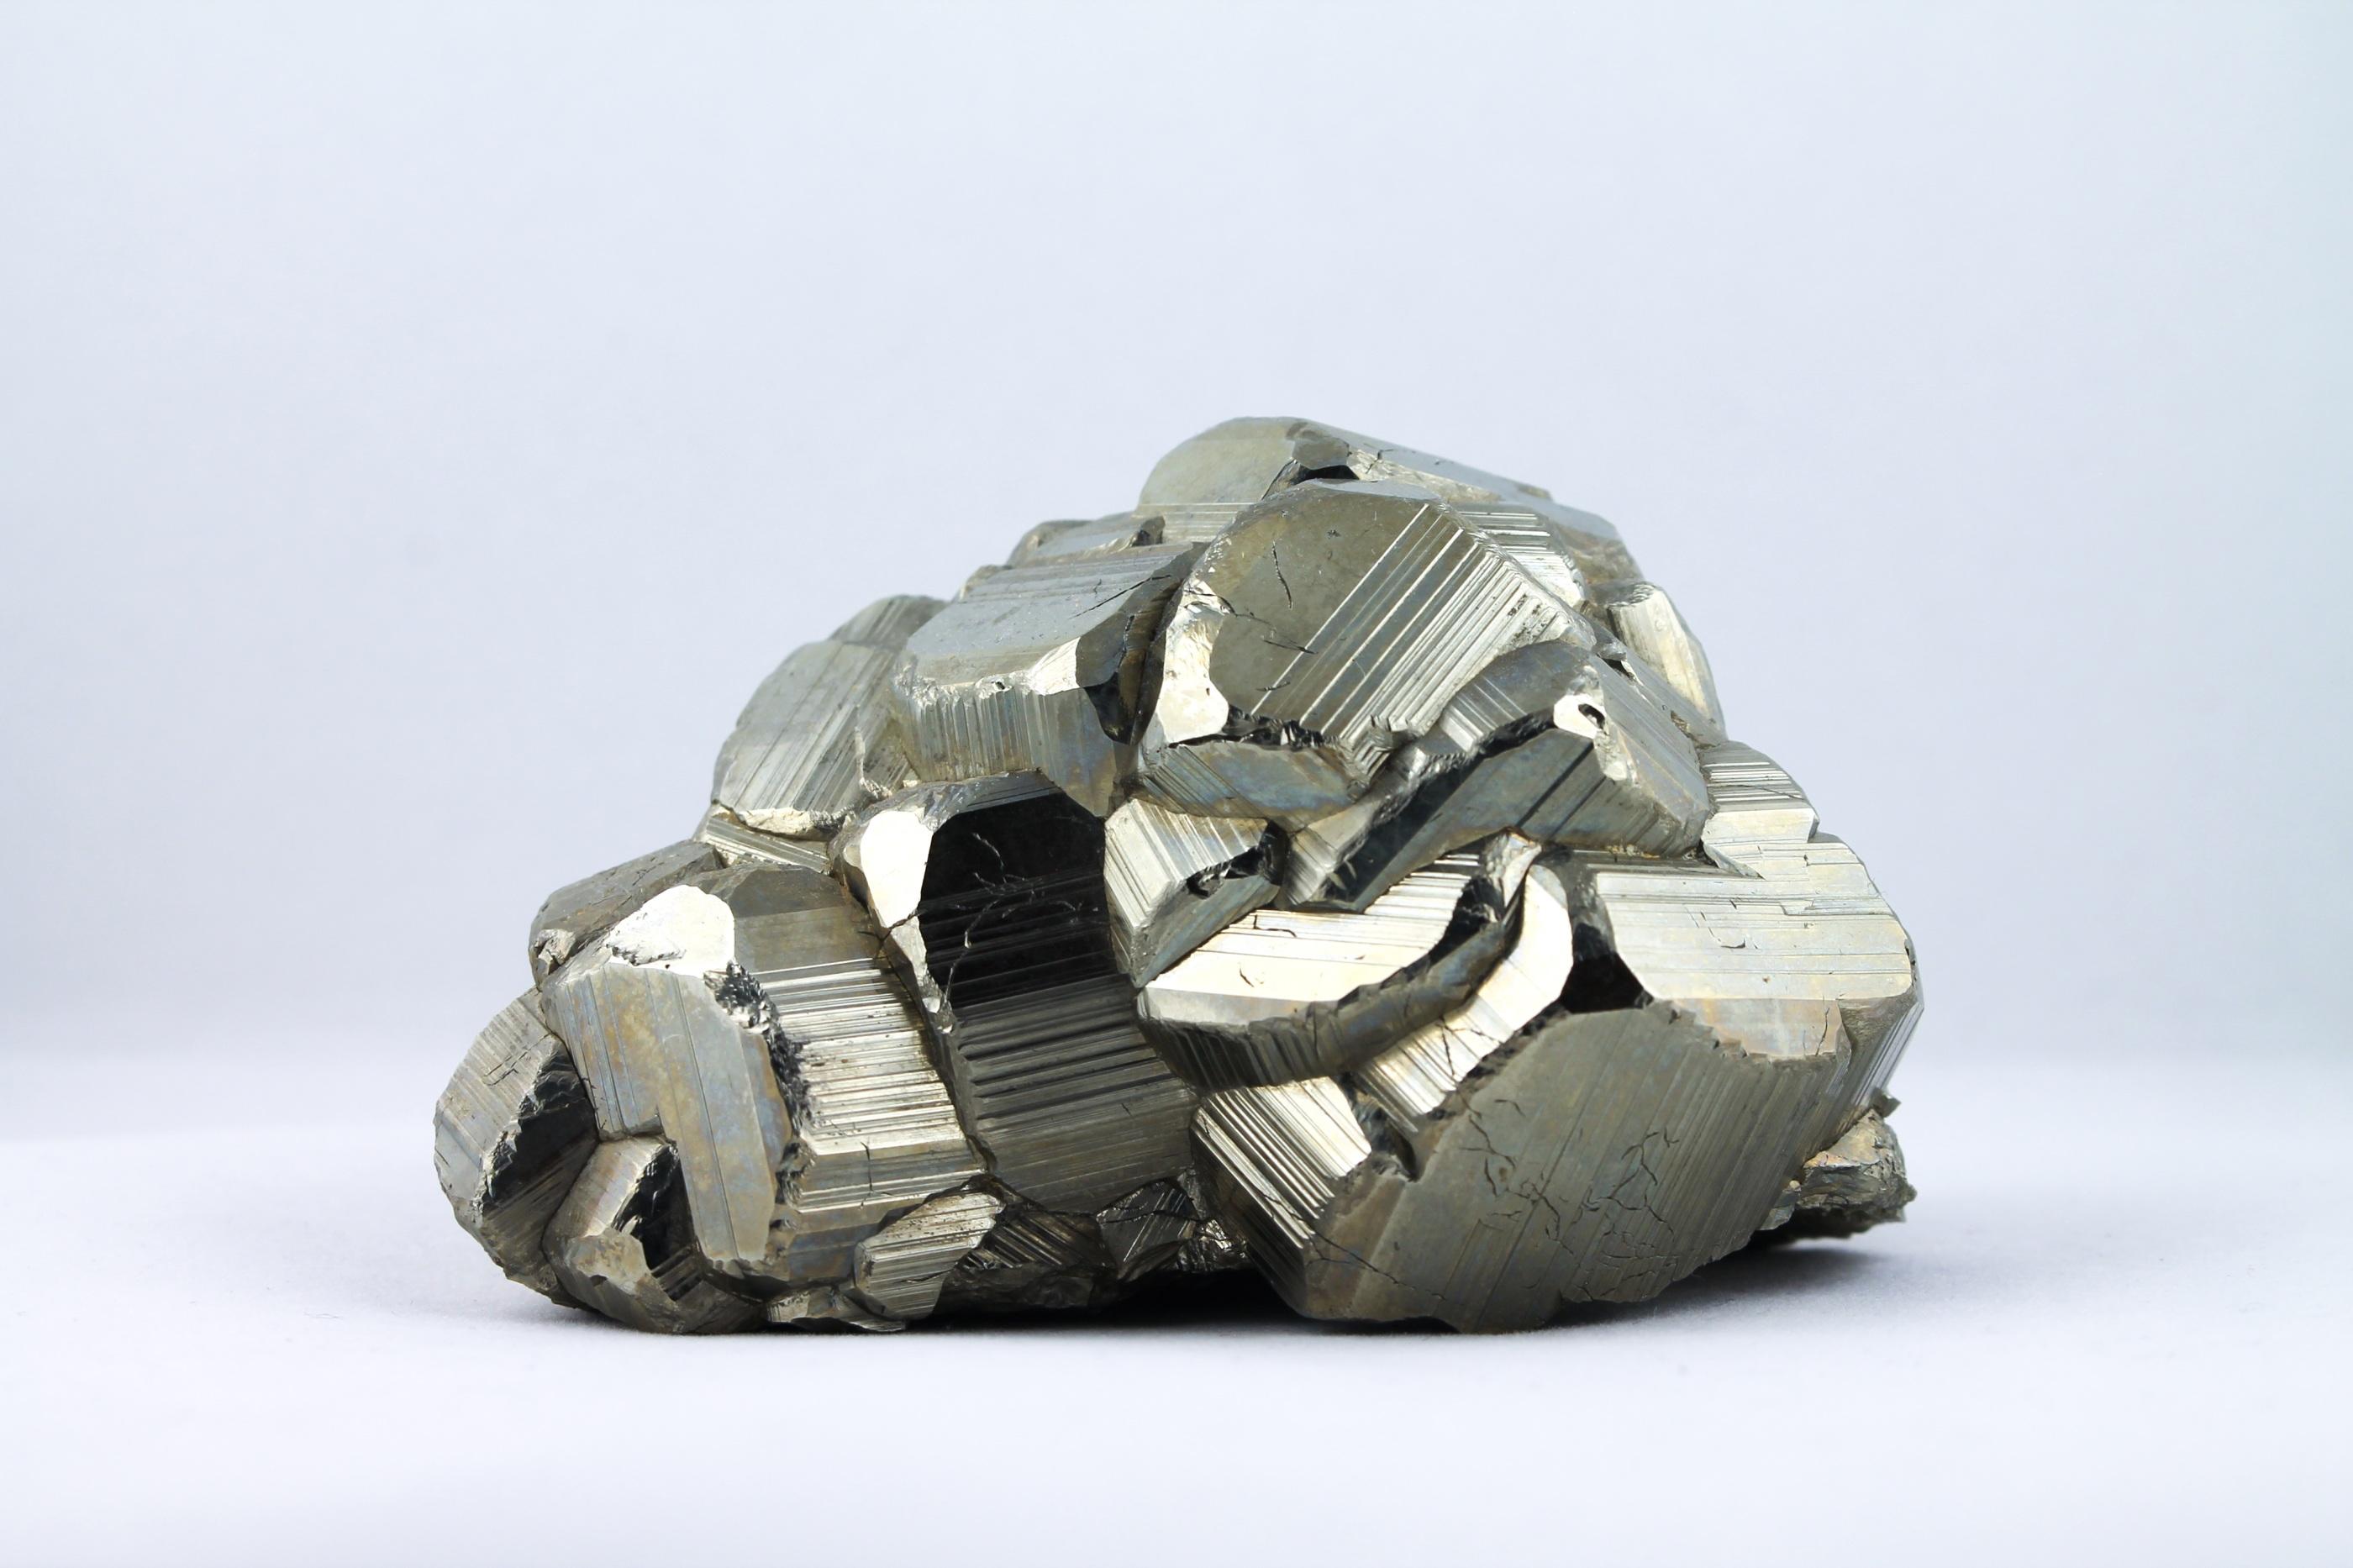 Pyrit kattguld kluster trumlade spets stav kristaller slipade stenar healing stenar chakra stenar Wellness Ayurveda Halmstadmassören Halmstad Sverige Sweden svensk